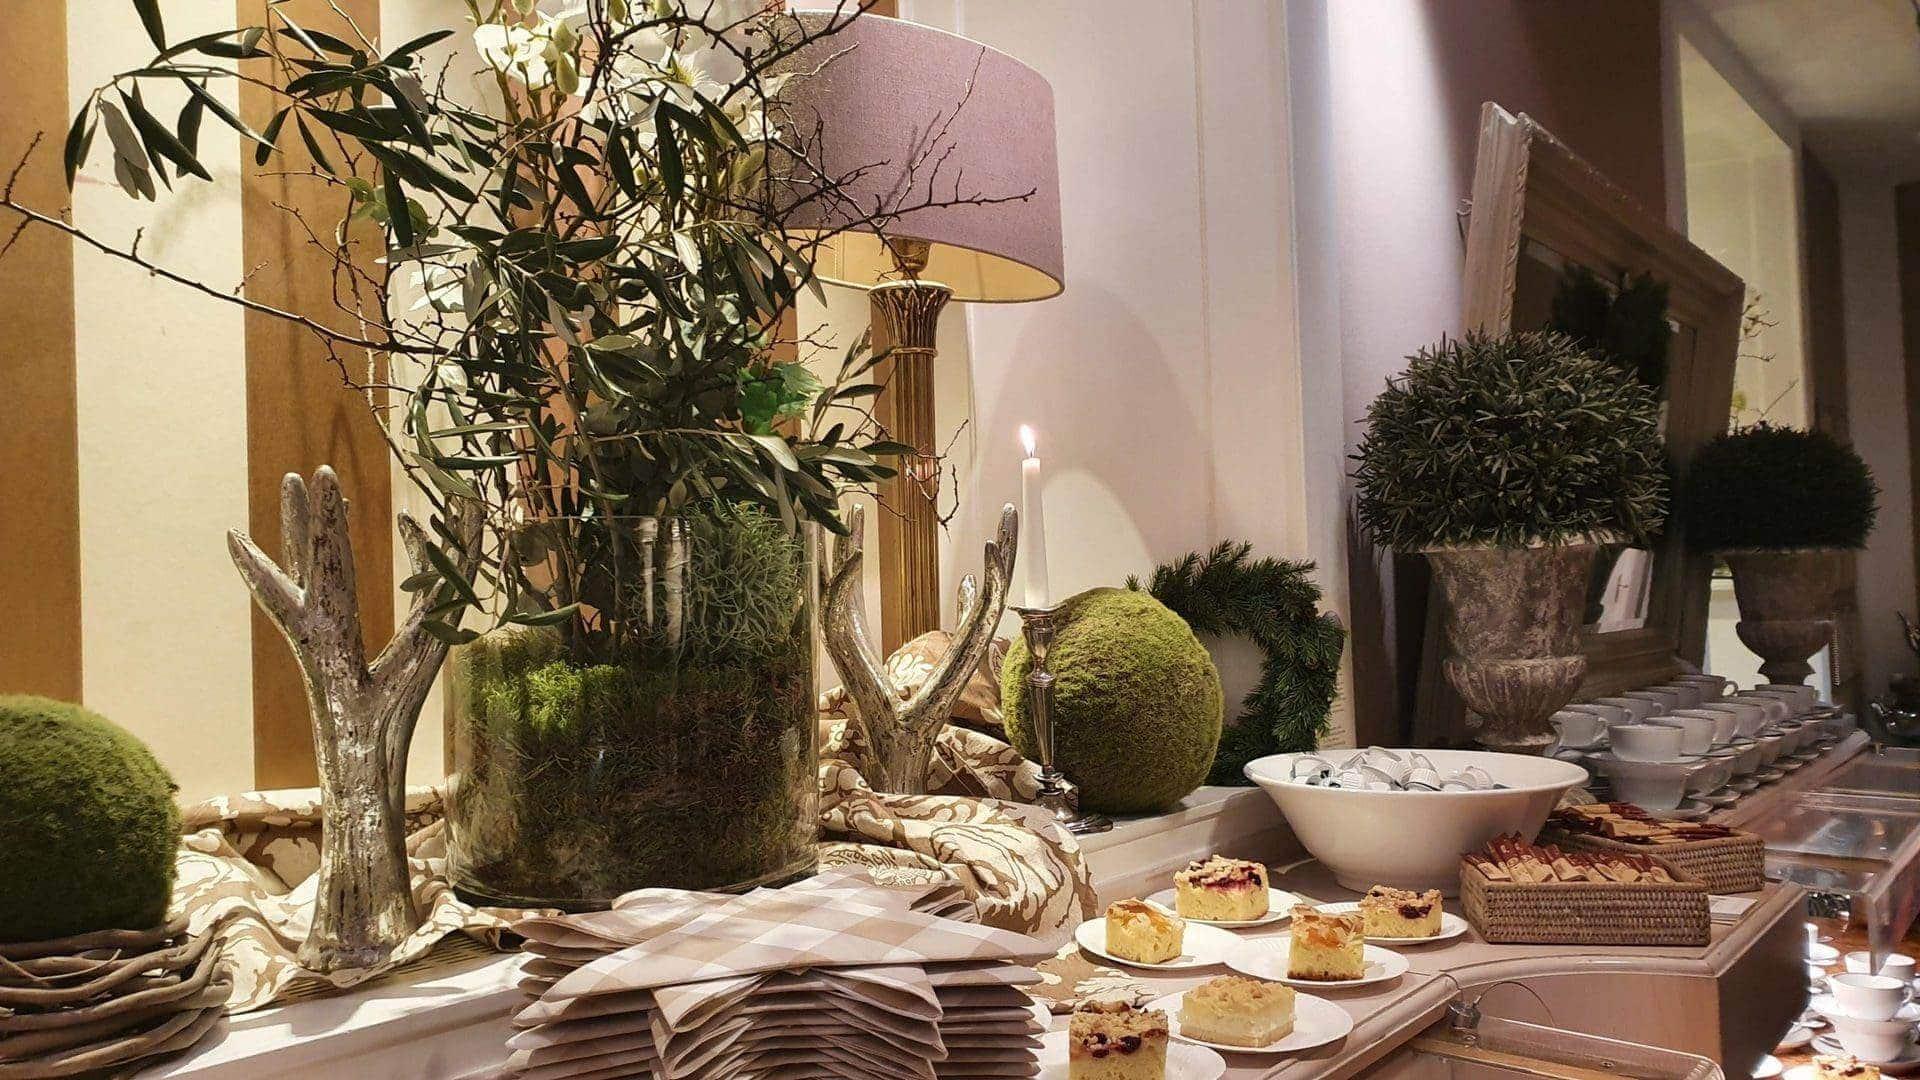 Das Hotel Bischofshof hatte ein großes Kuchenbuffet für die Besucher bereit gestellt